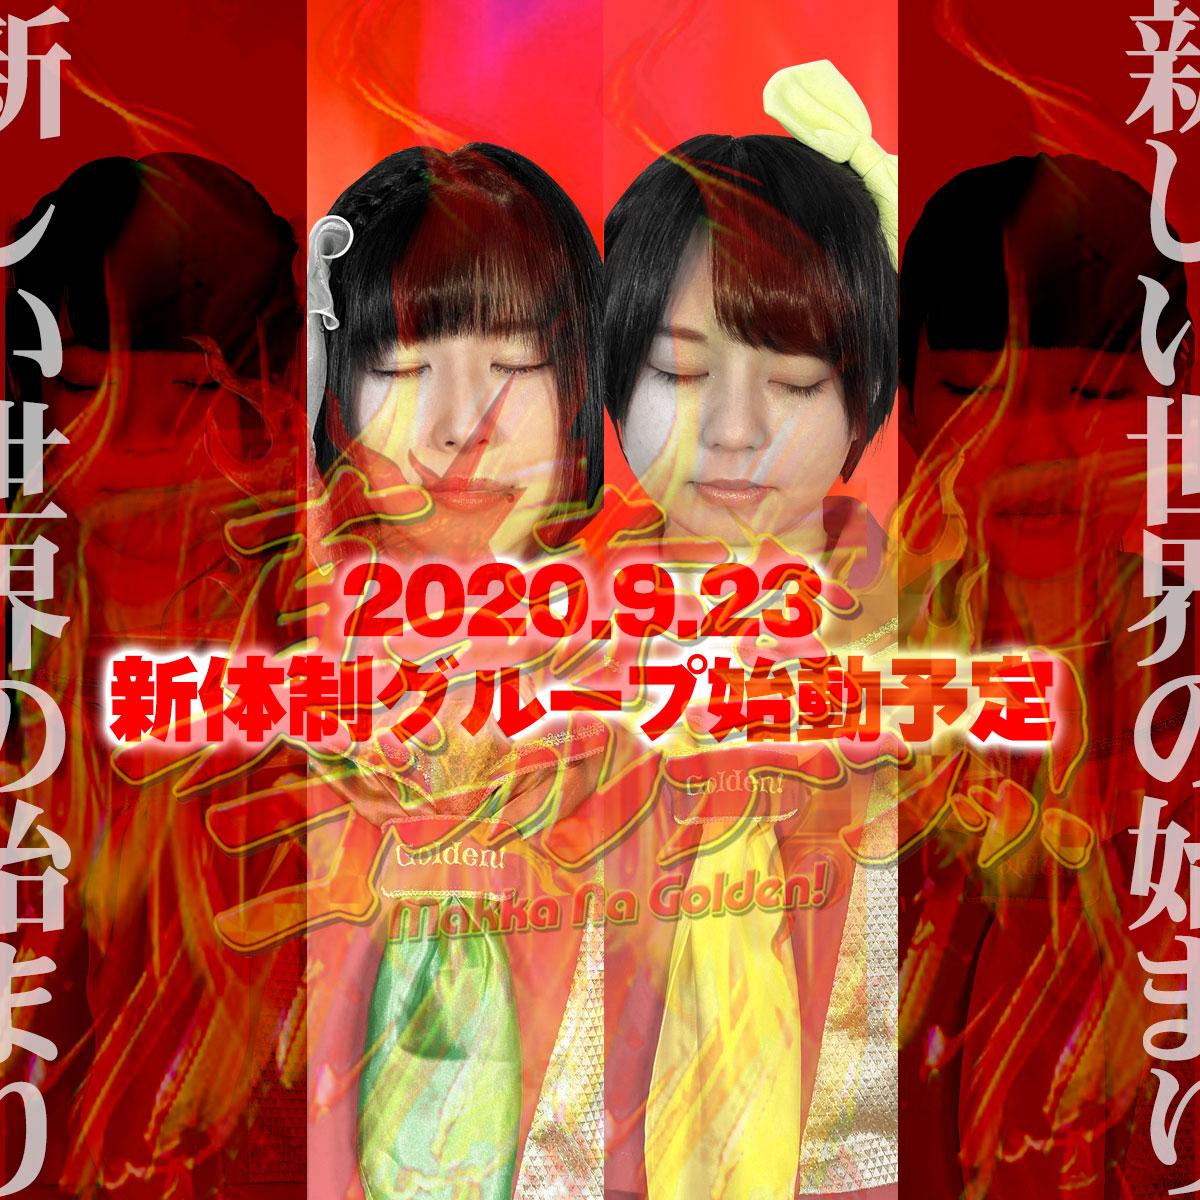 9月23日『RE:BORN-生まれ変わろうぜ!-』in渋谷eggman